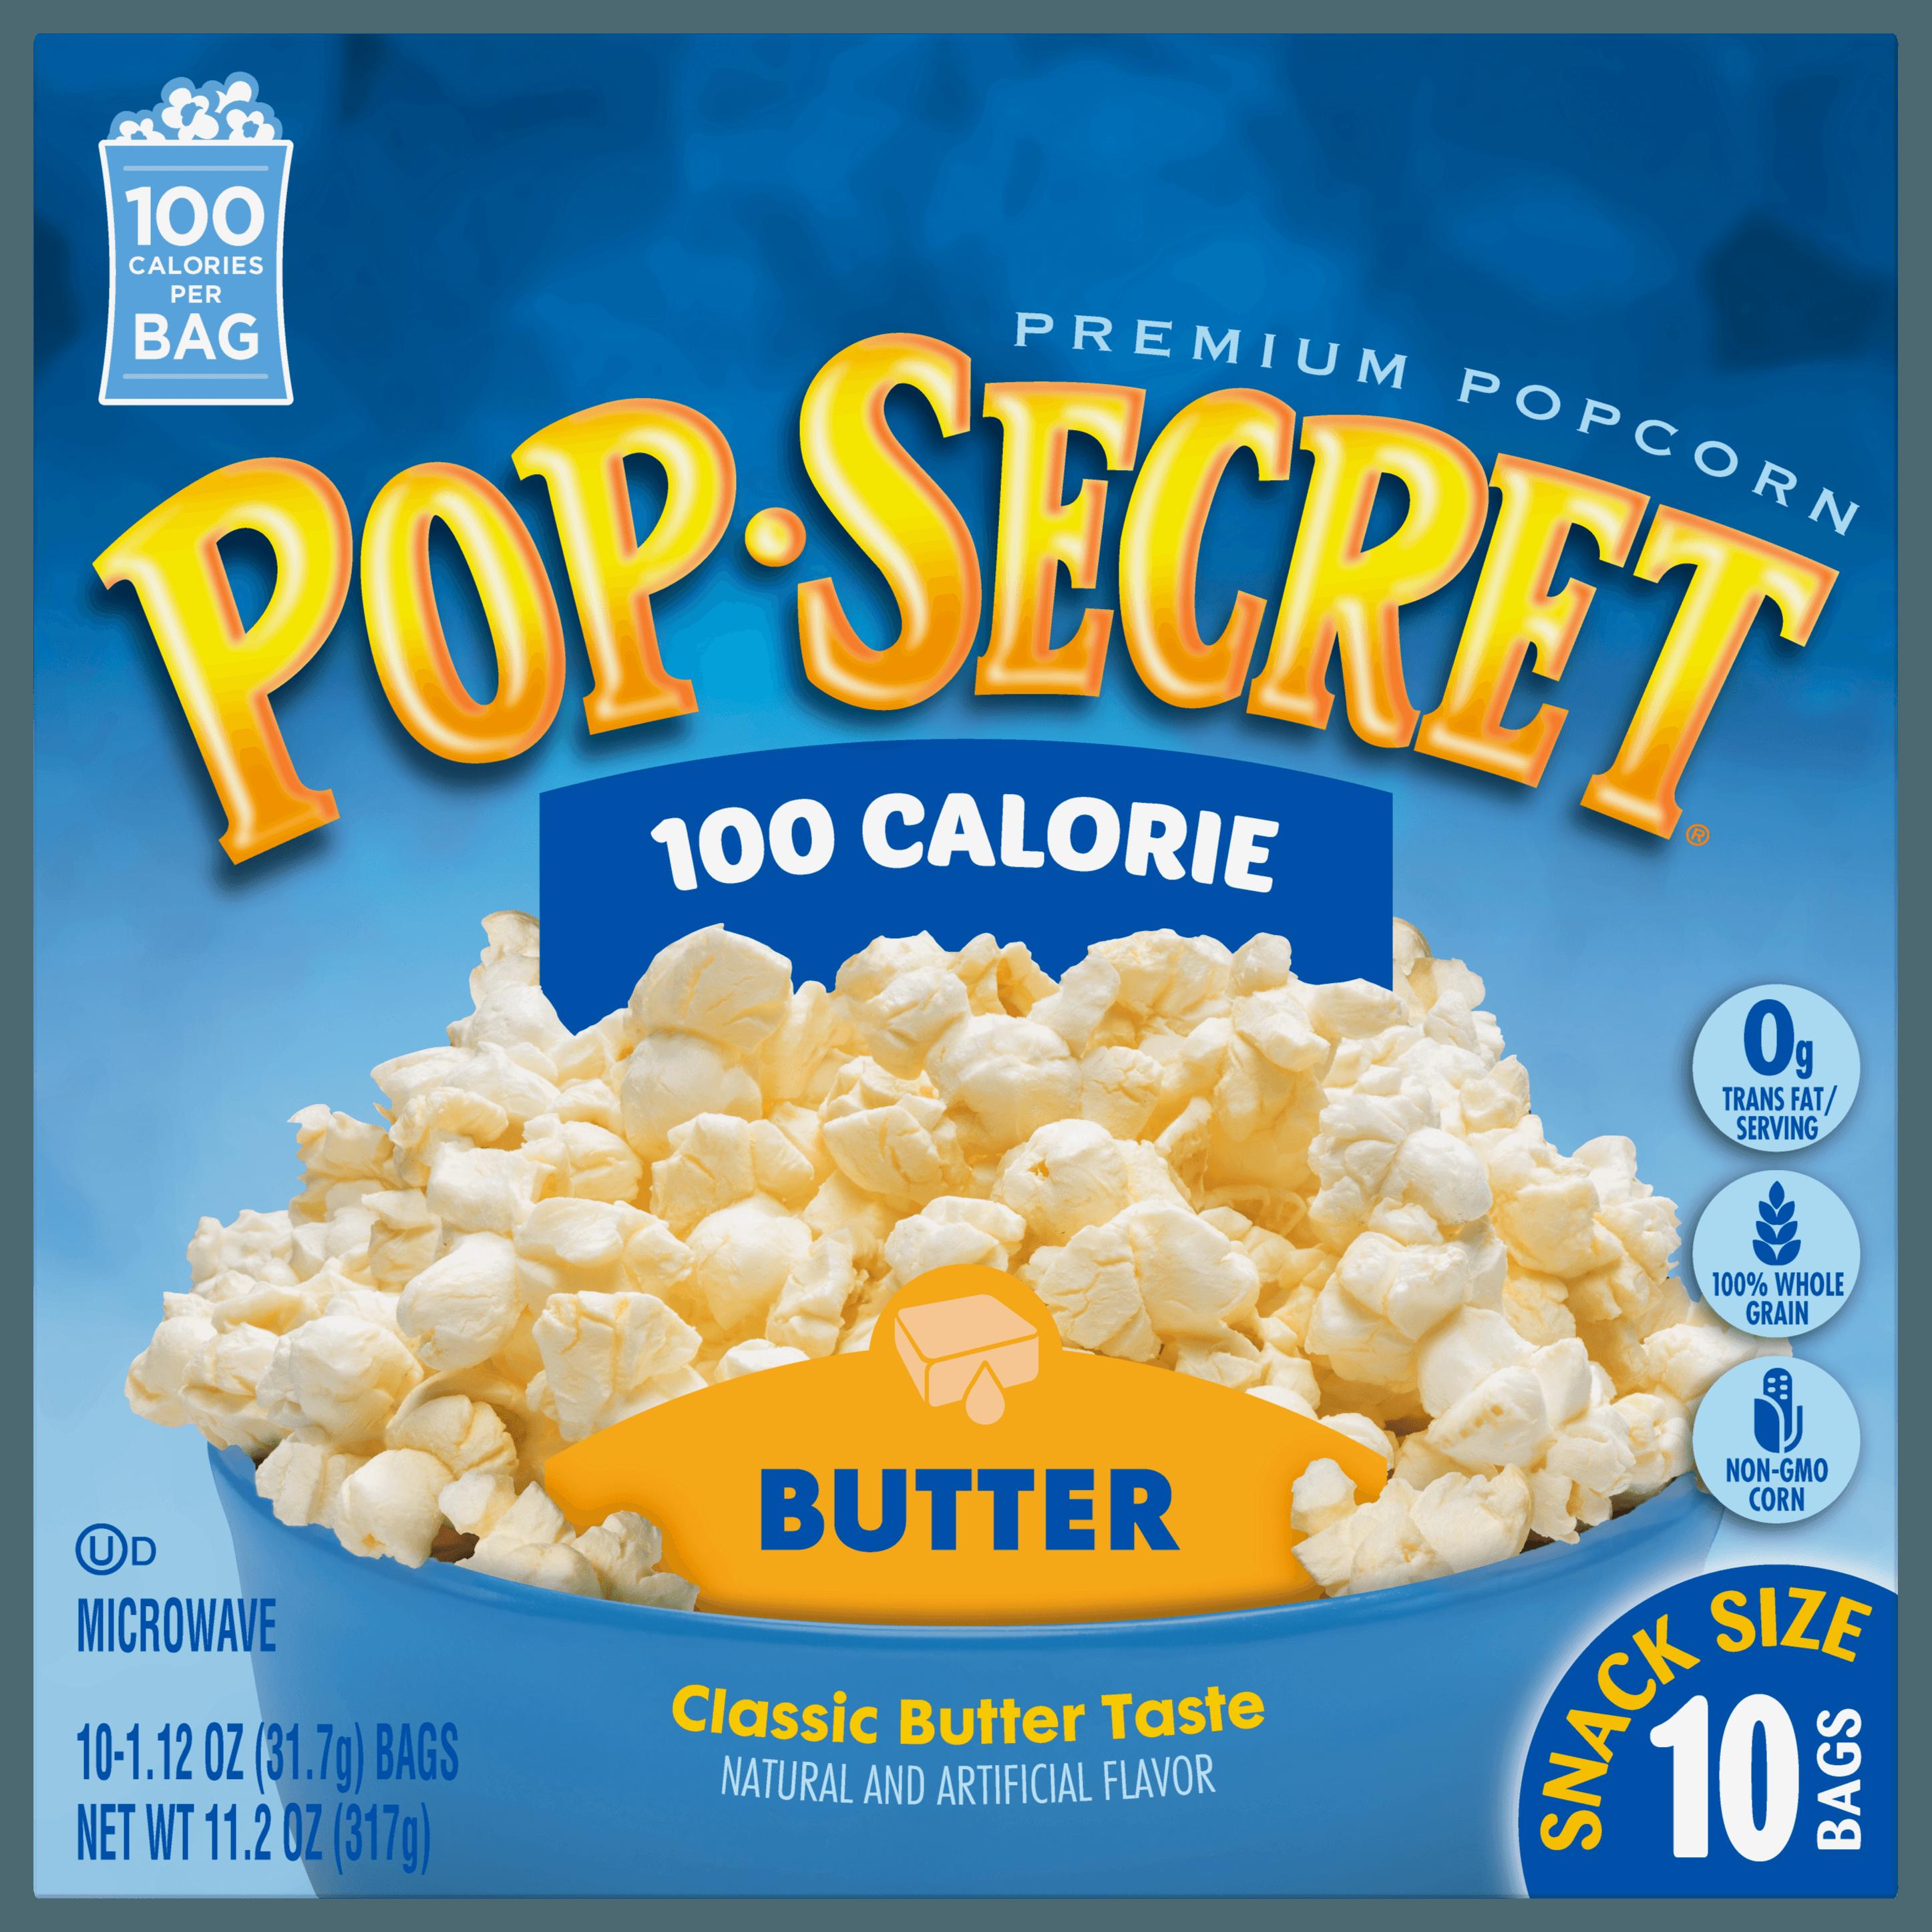 Pop Secret Popcorn, 100 Calorie Butter, 1.12 oz Snack Size Microwave Bags, 10 Count Box